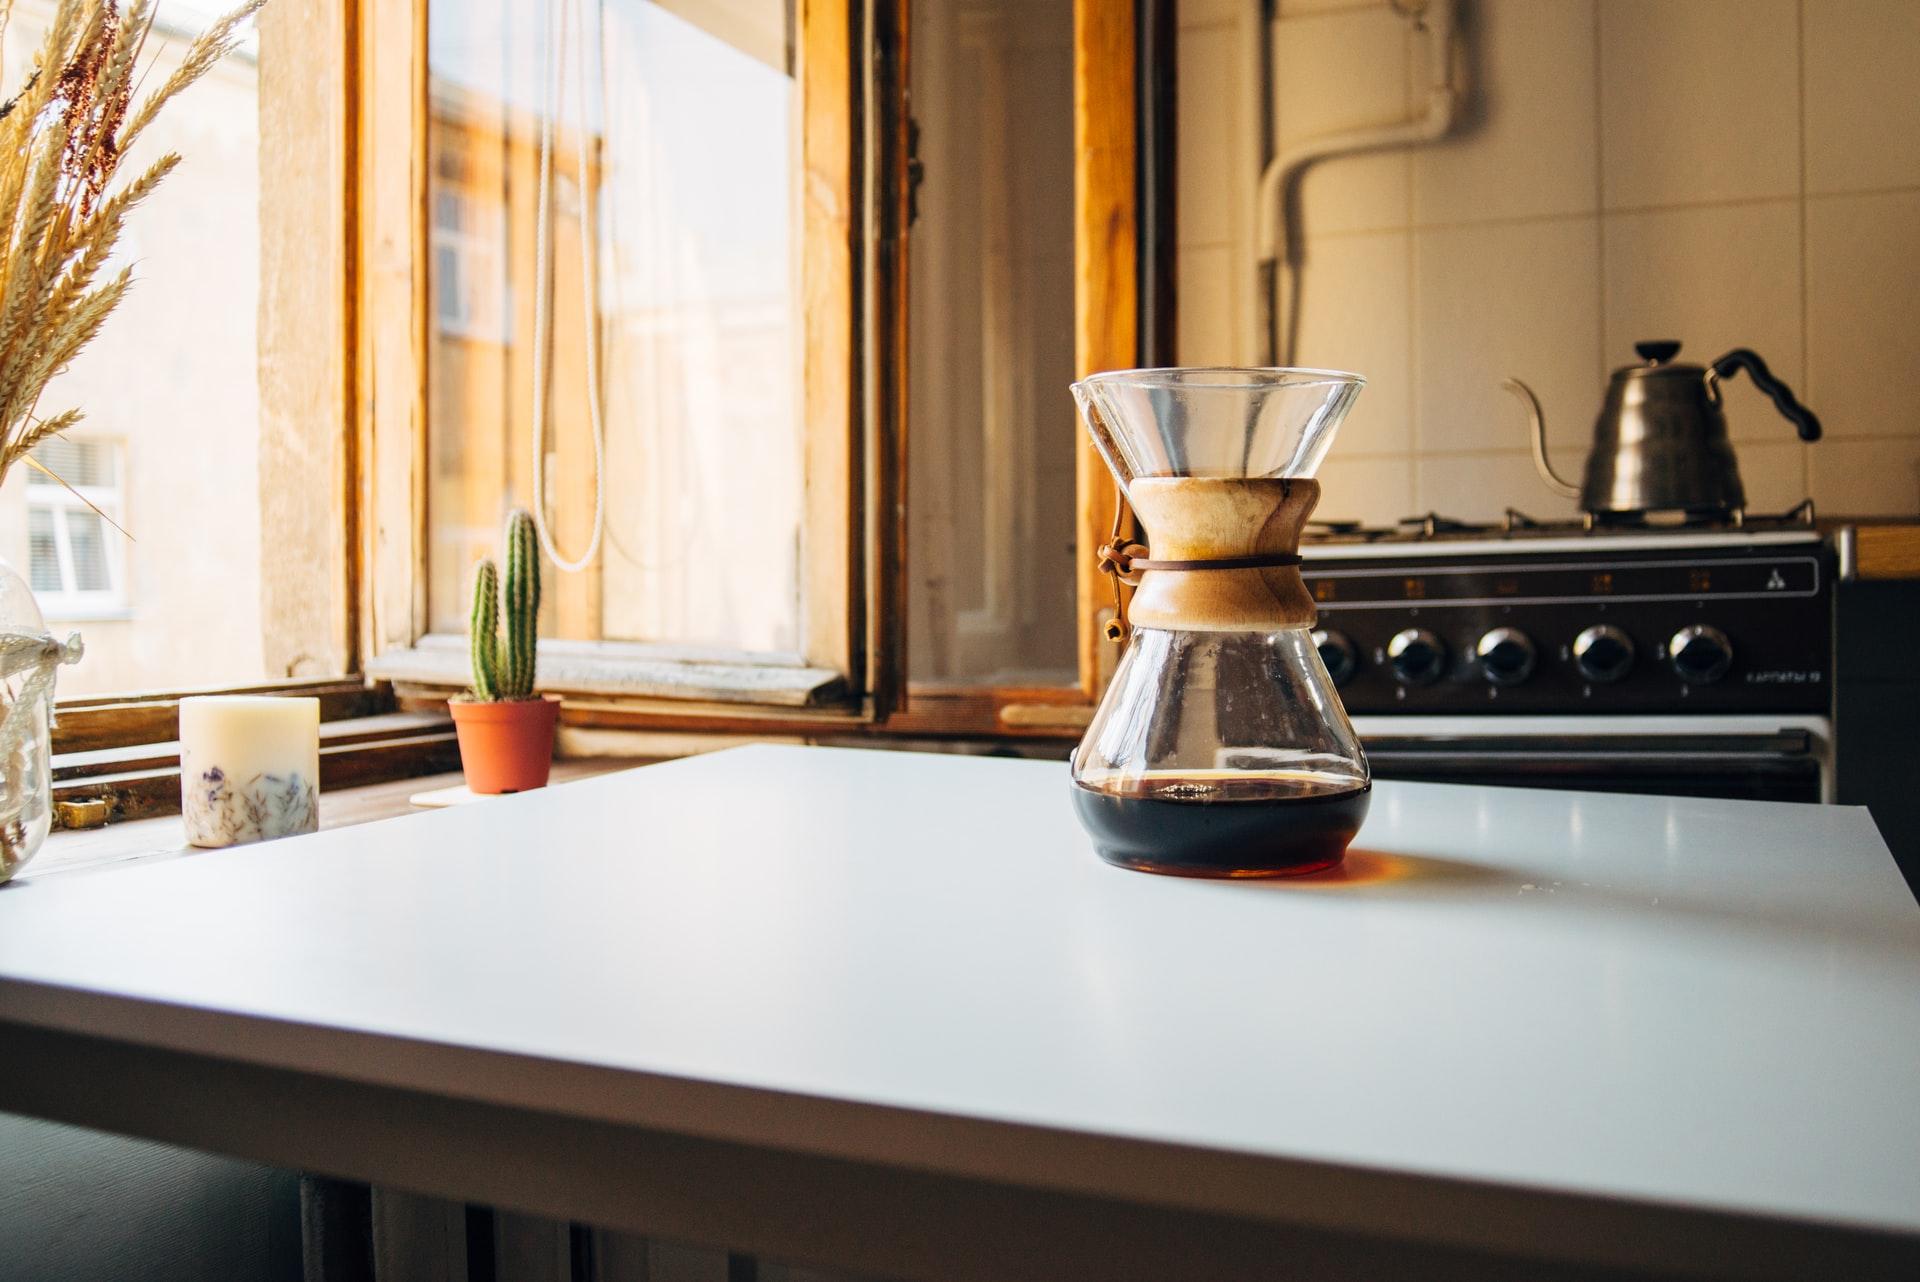 Das ist zwar nicht meine Küche aber es ist nicht ausgeschlossen dass dieses Foto auch am Mittwoche gemacht wurde